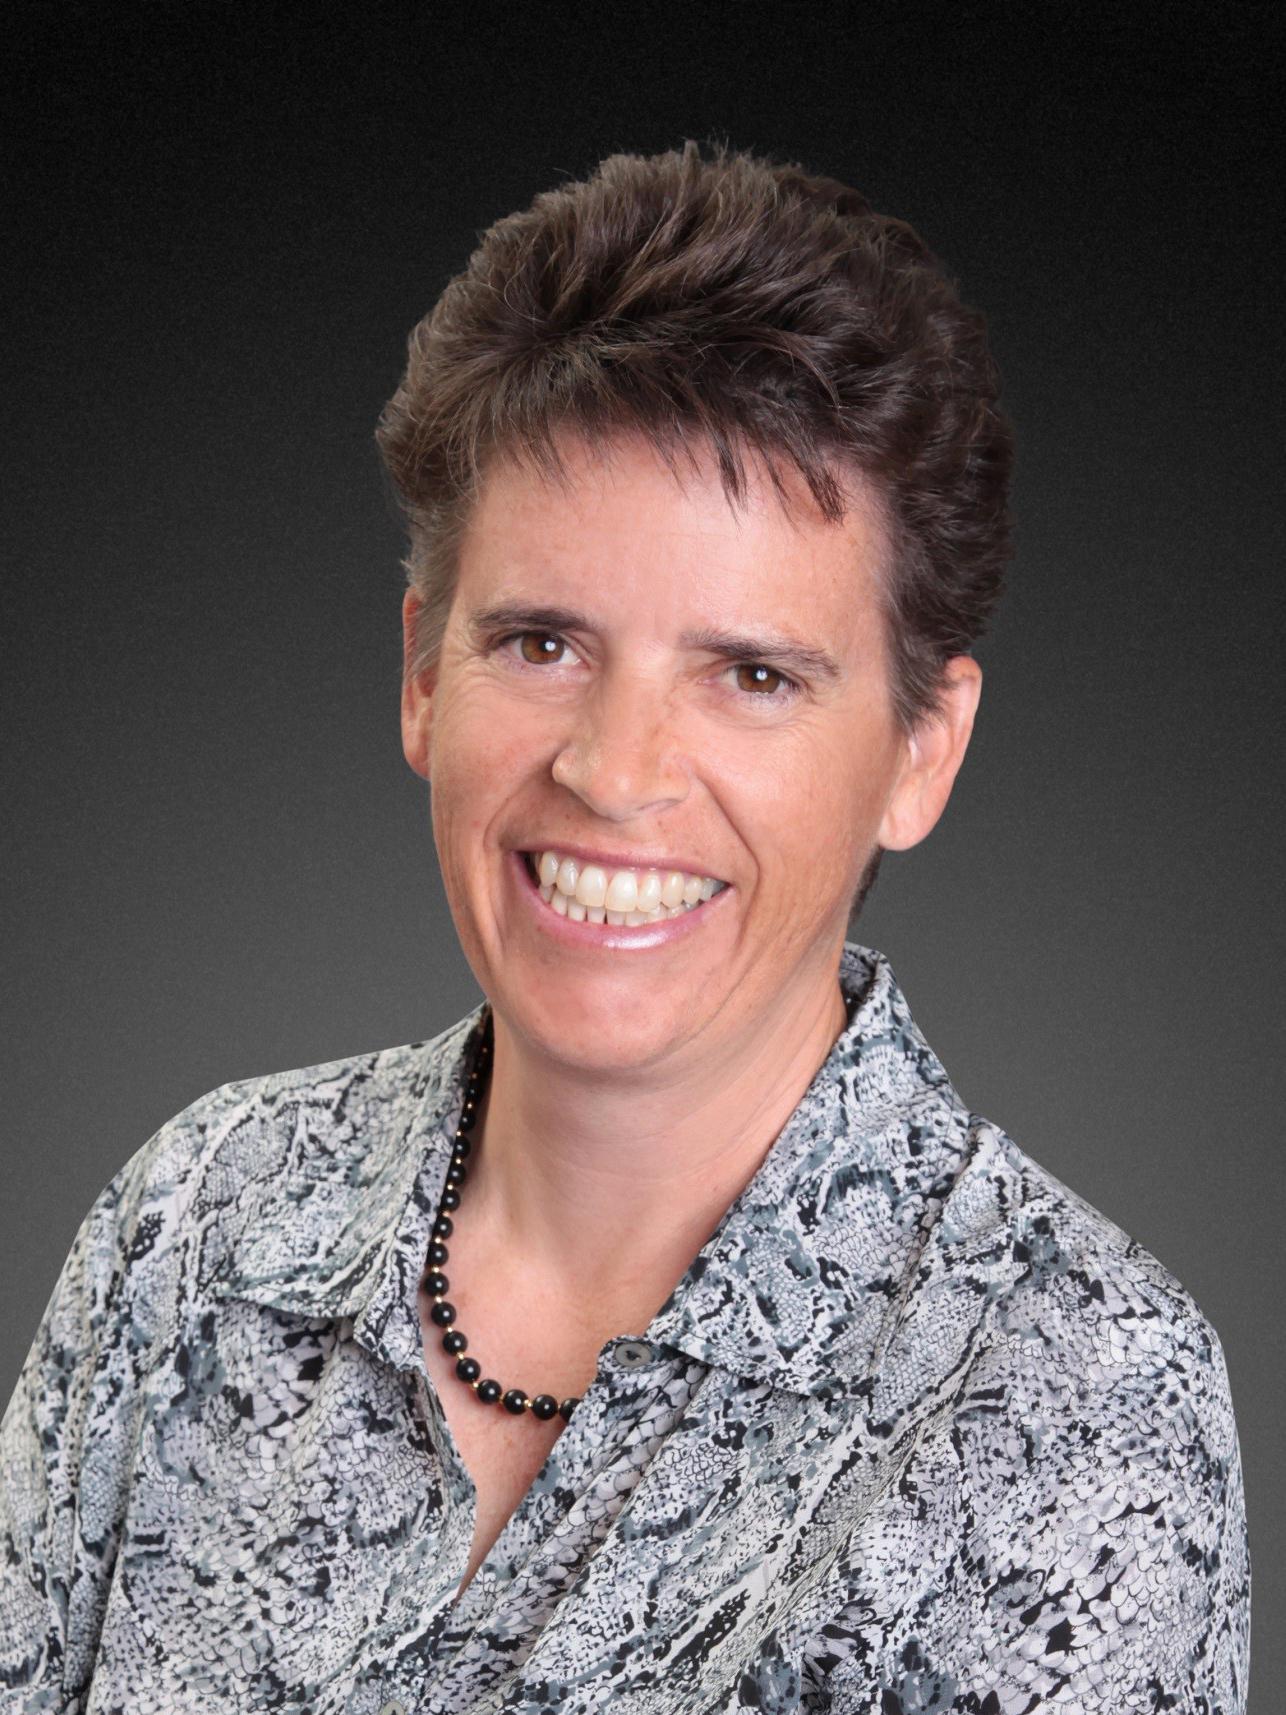 Deanna Sydlosky